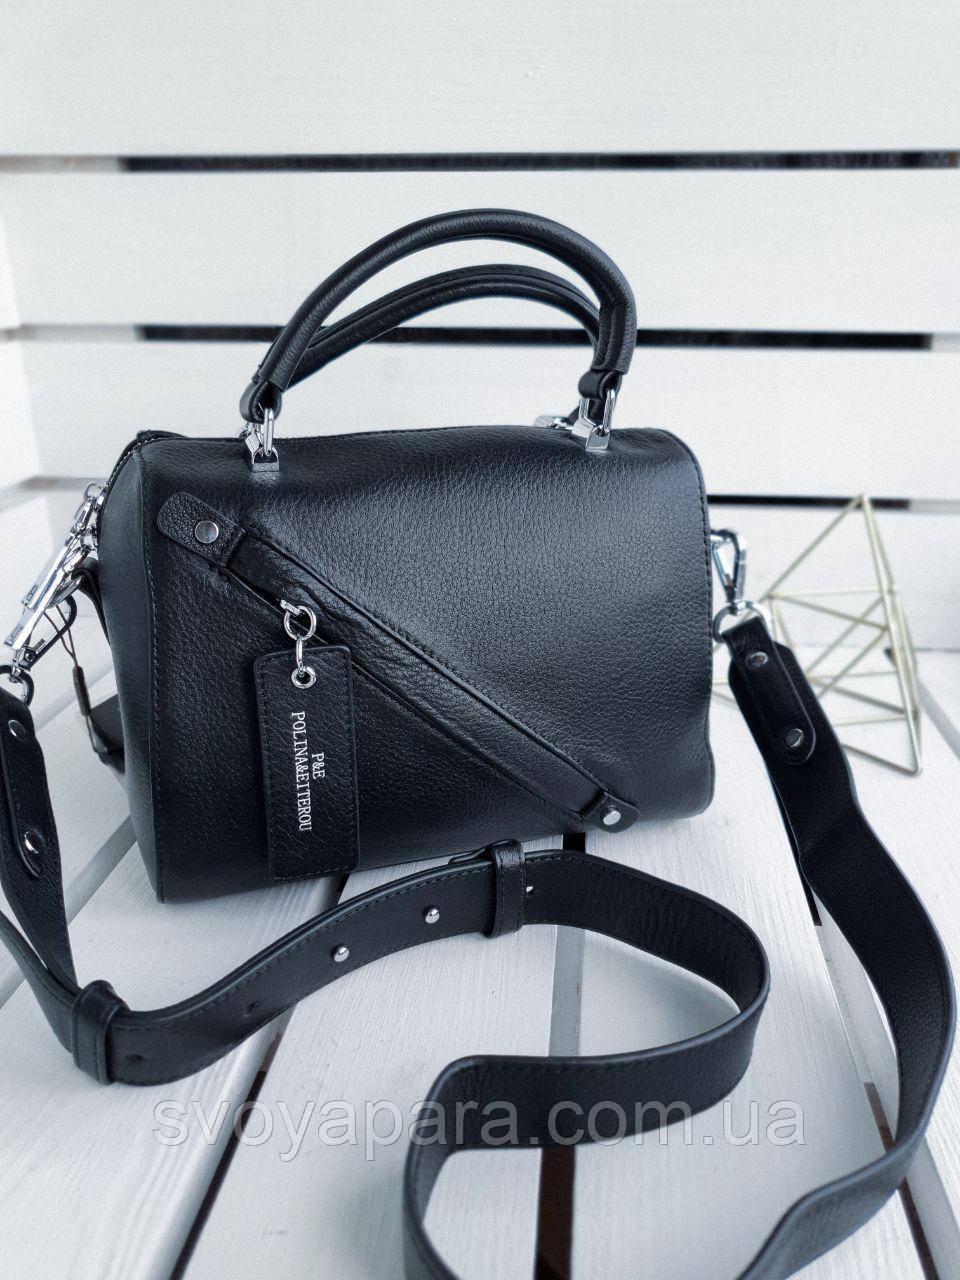 Кожаная женская сумка размером 23х18 см Черная (01259)